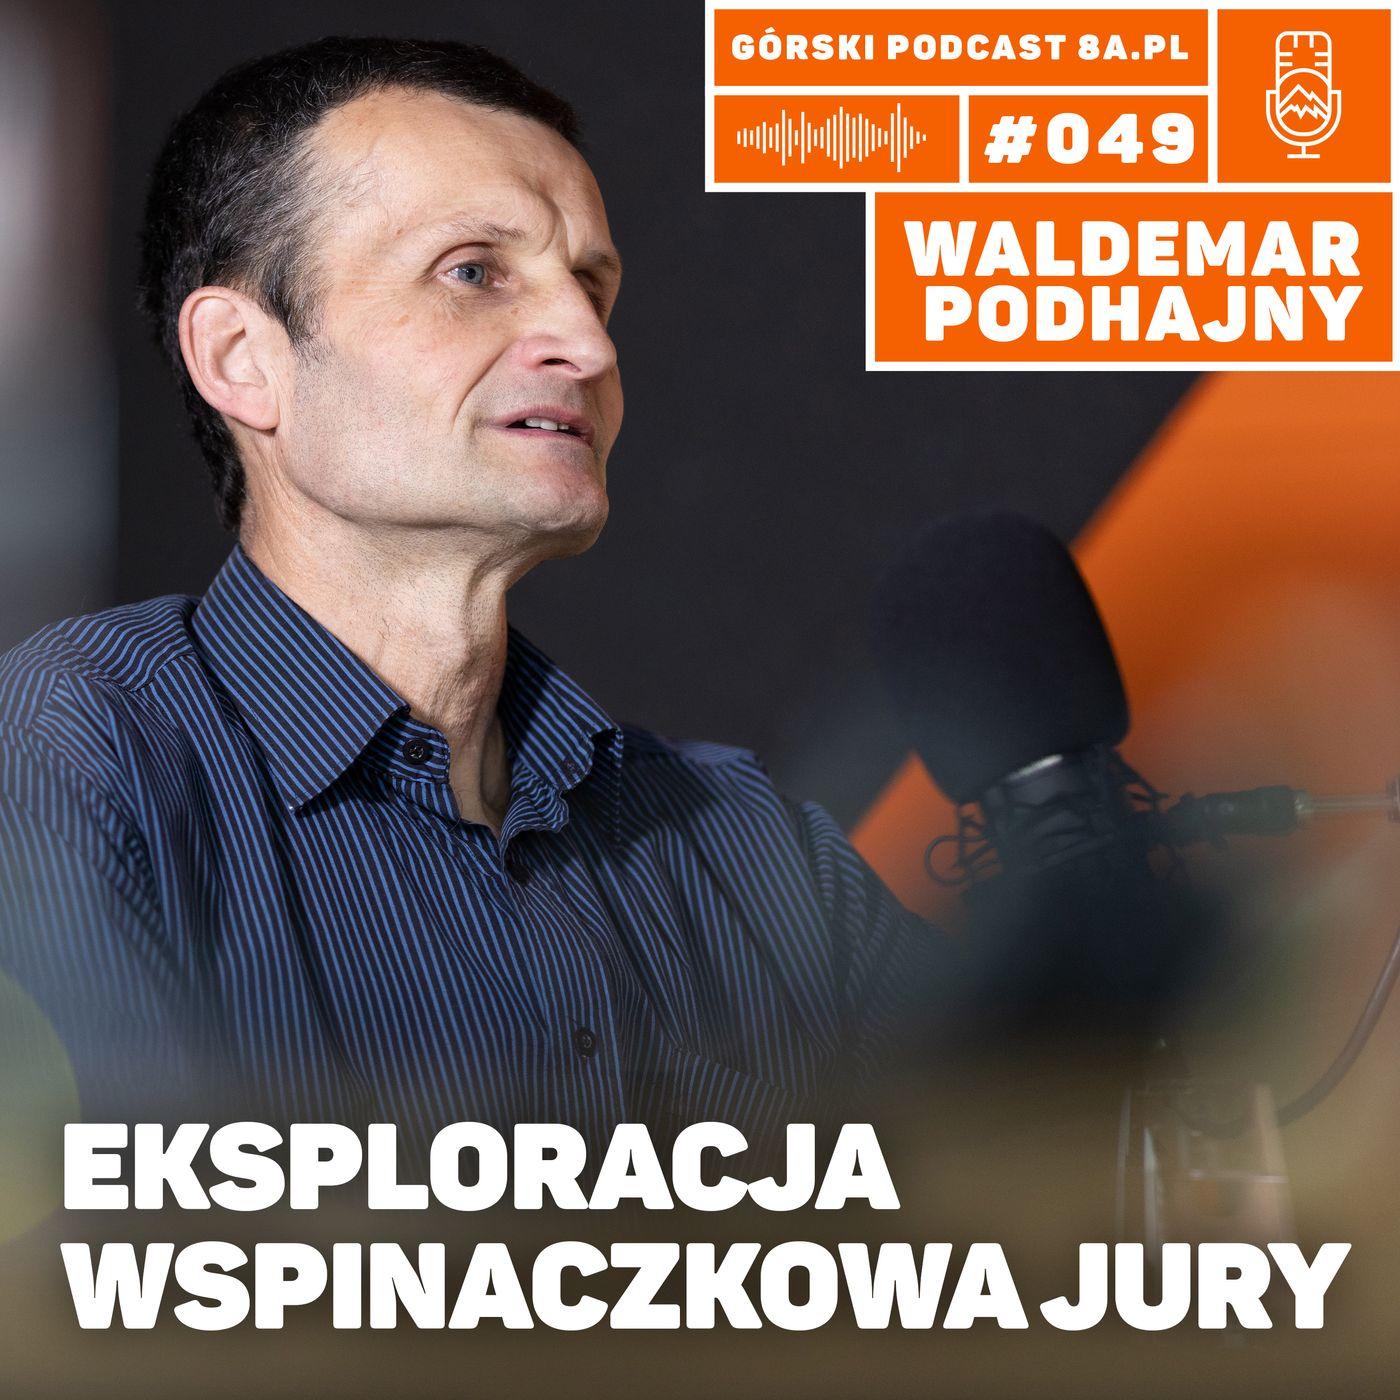 #049 8a.pl - Wlademar Podhajny. Eksploracja wspinaczkowa Jury.